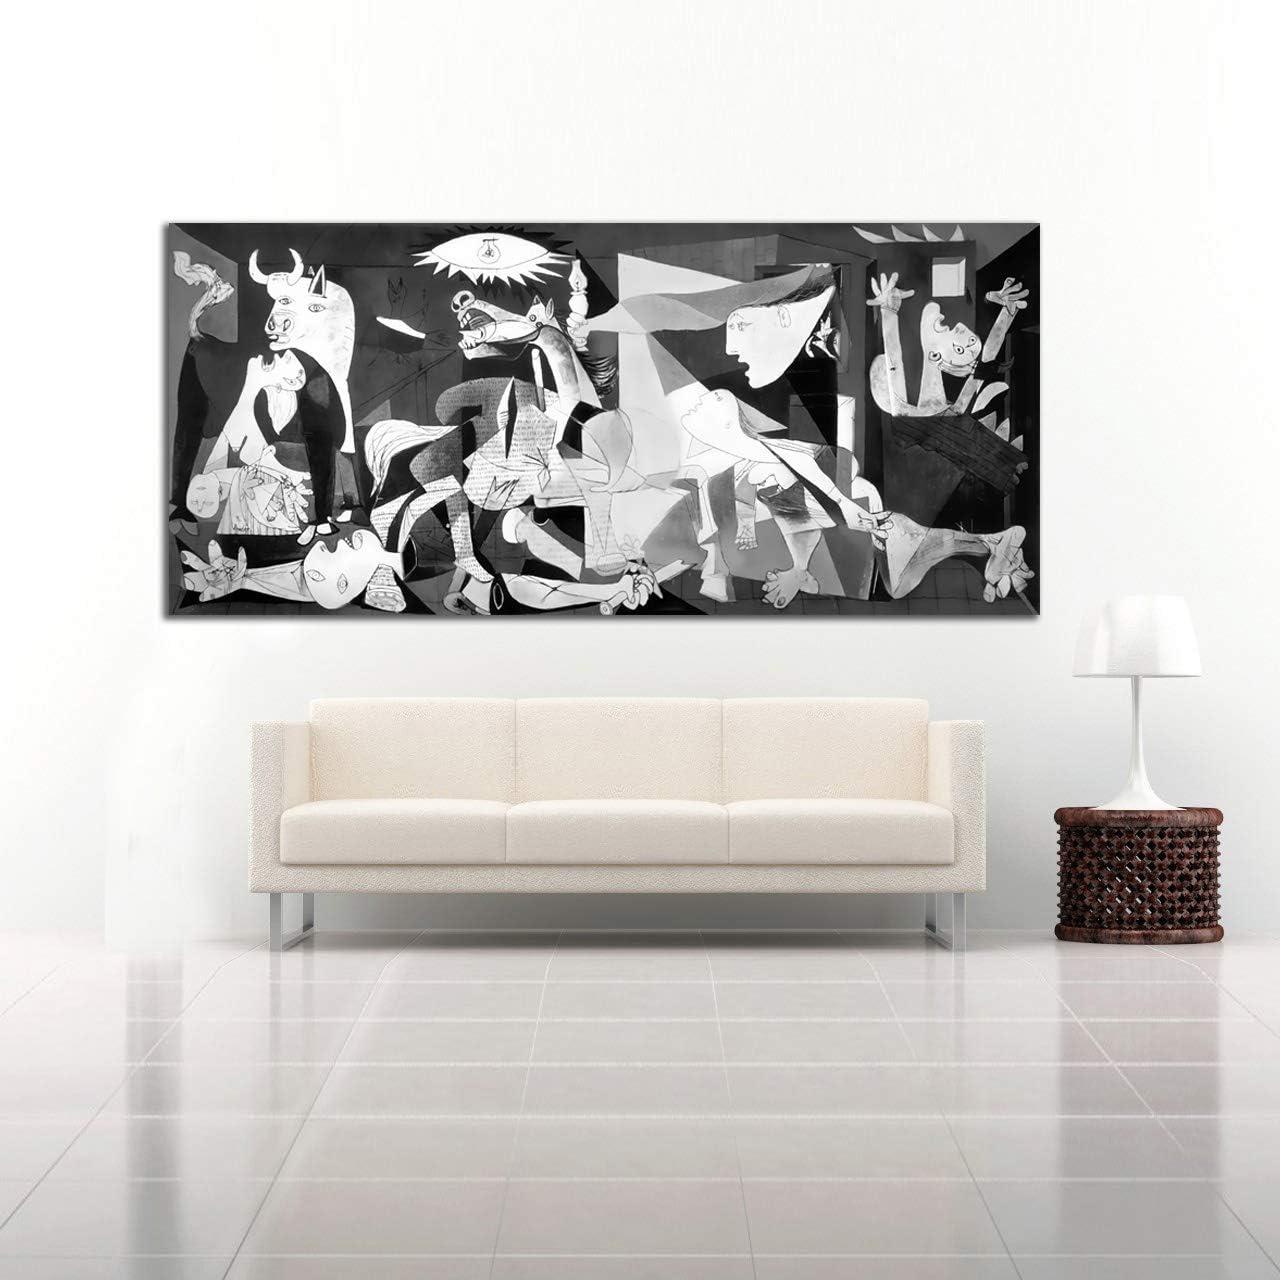 Desconocido Cuadro Lienzo El Guernica Pablo Picasso – Varias Medidas - Lienzo de Tela Bastidor de Madera de 3 cm - Impresion Alta resolucion (120, 54)